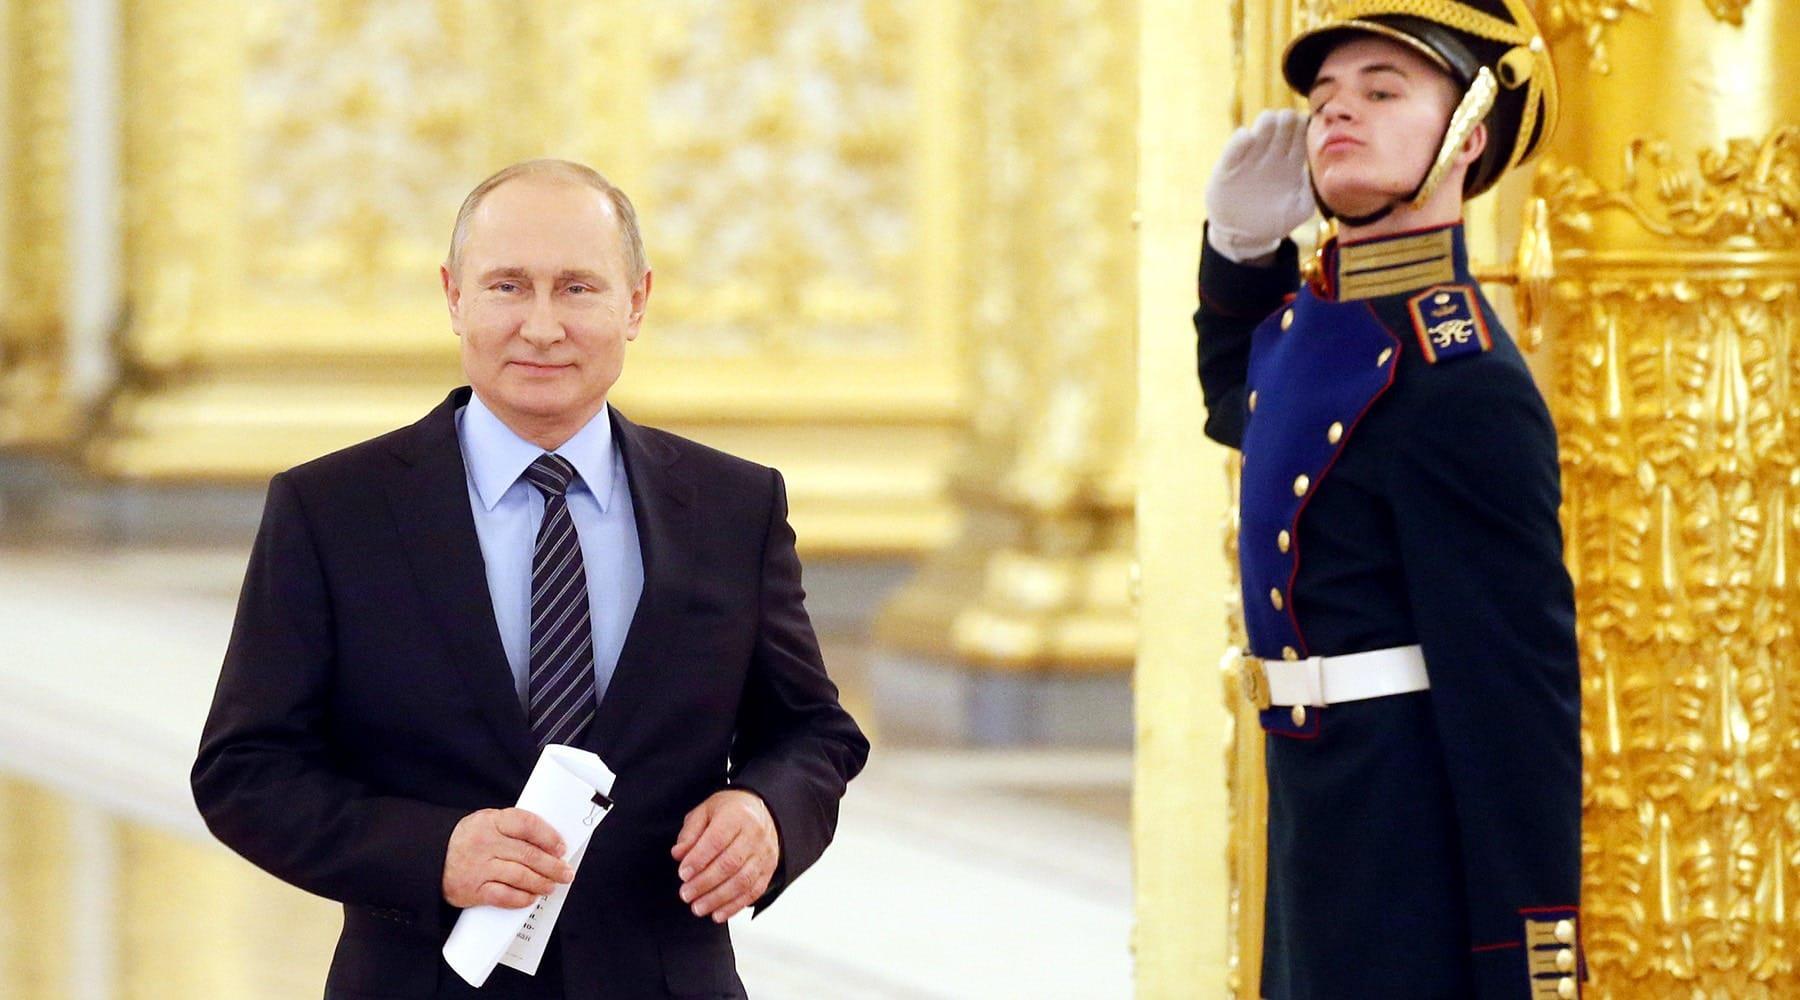 Сколько лет Владимир Путин руководит Россией: политическая карьера Путина после 2024 года